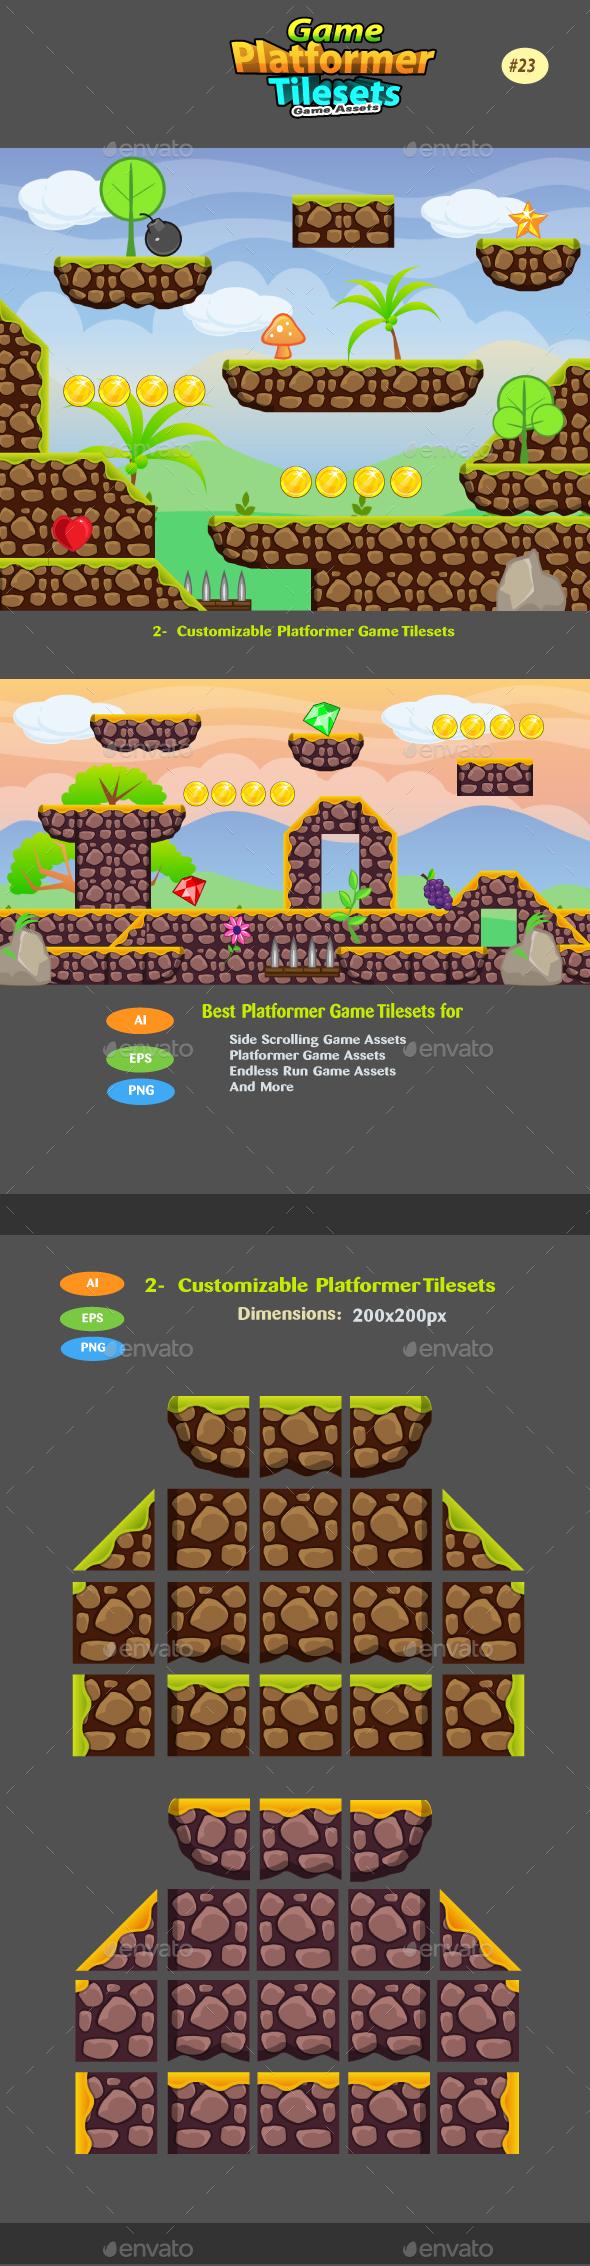 2D Game Platformer Tilesets 23 - Tilesets Game Assets